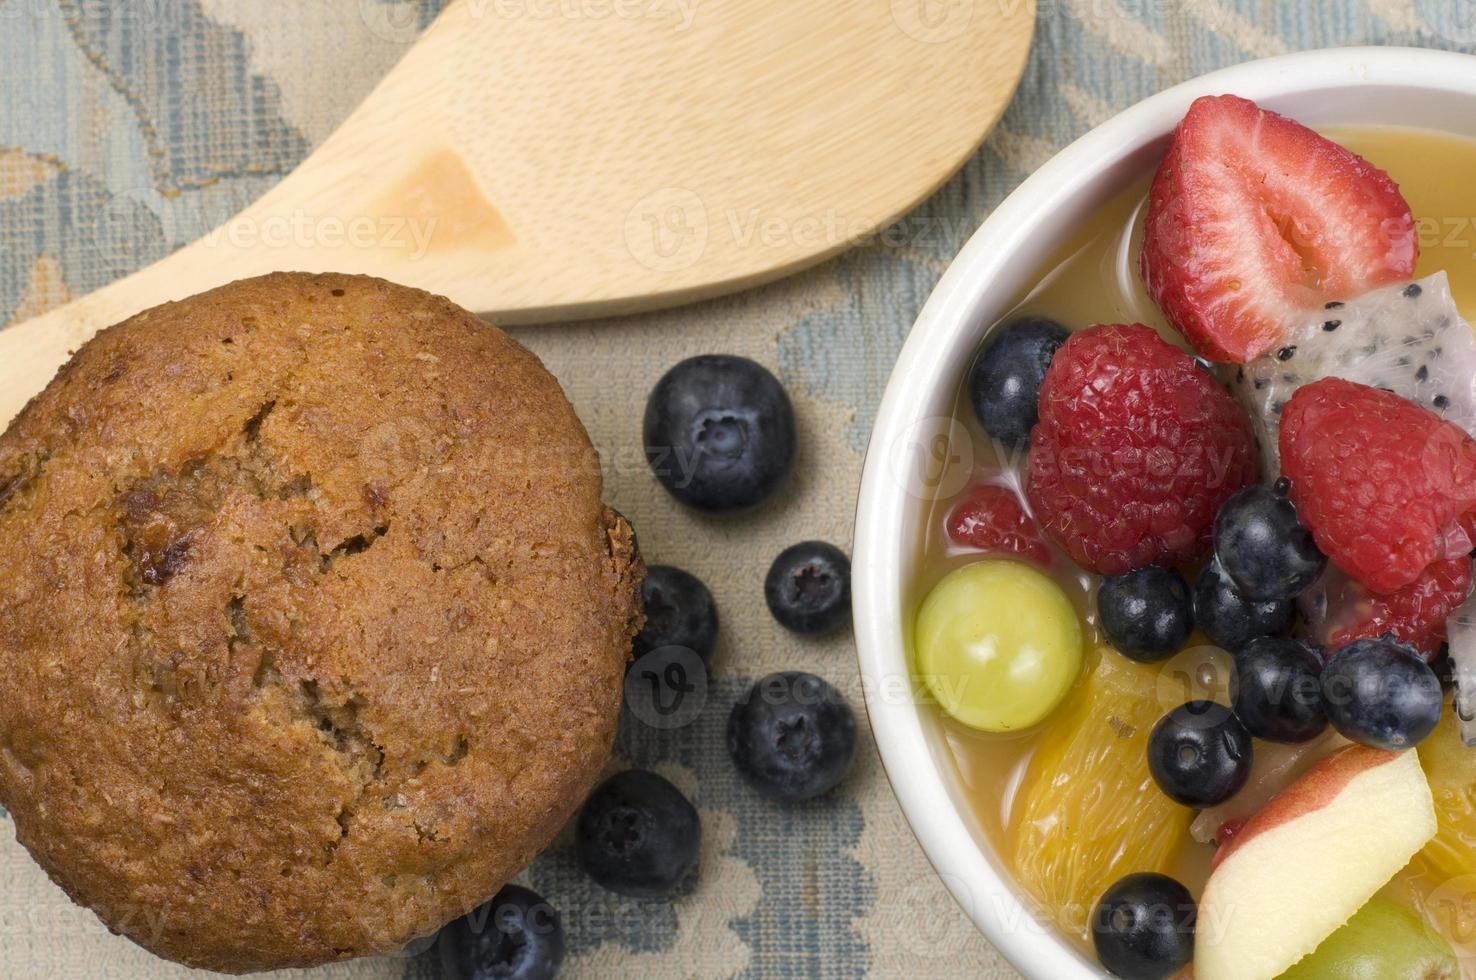 salade de fruits avec muffin au son et cuillère en bois photo